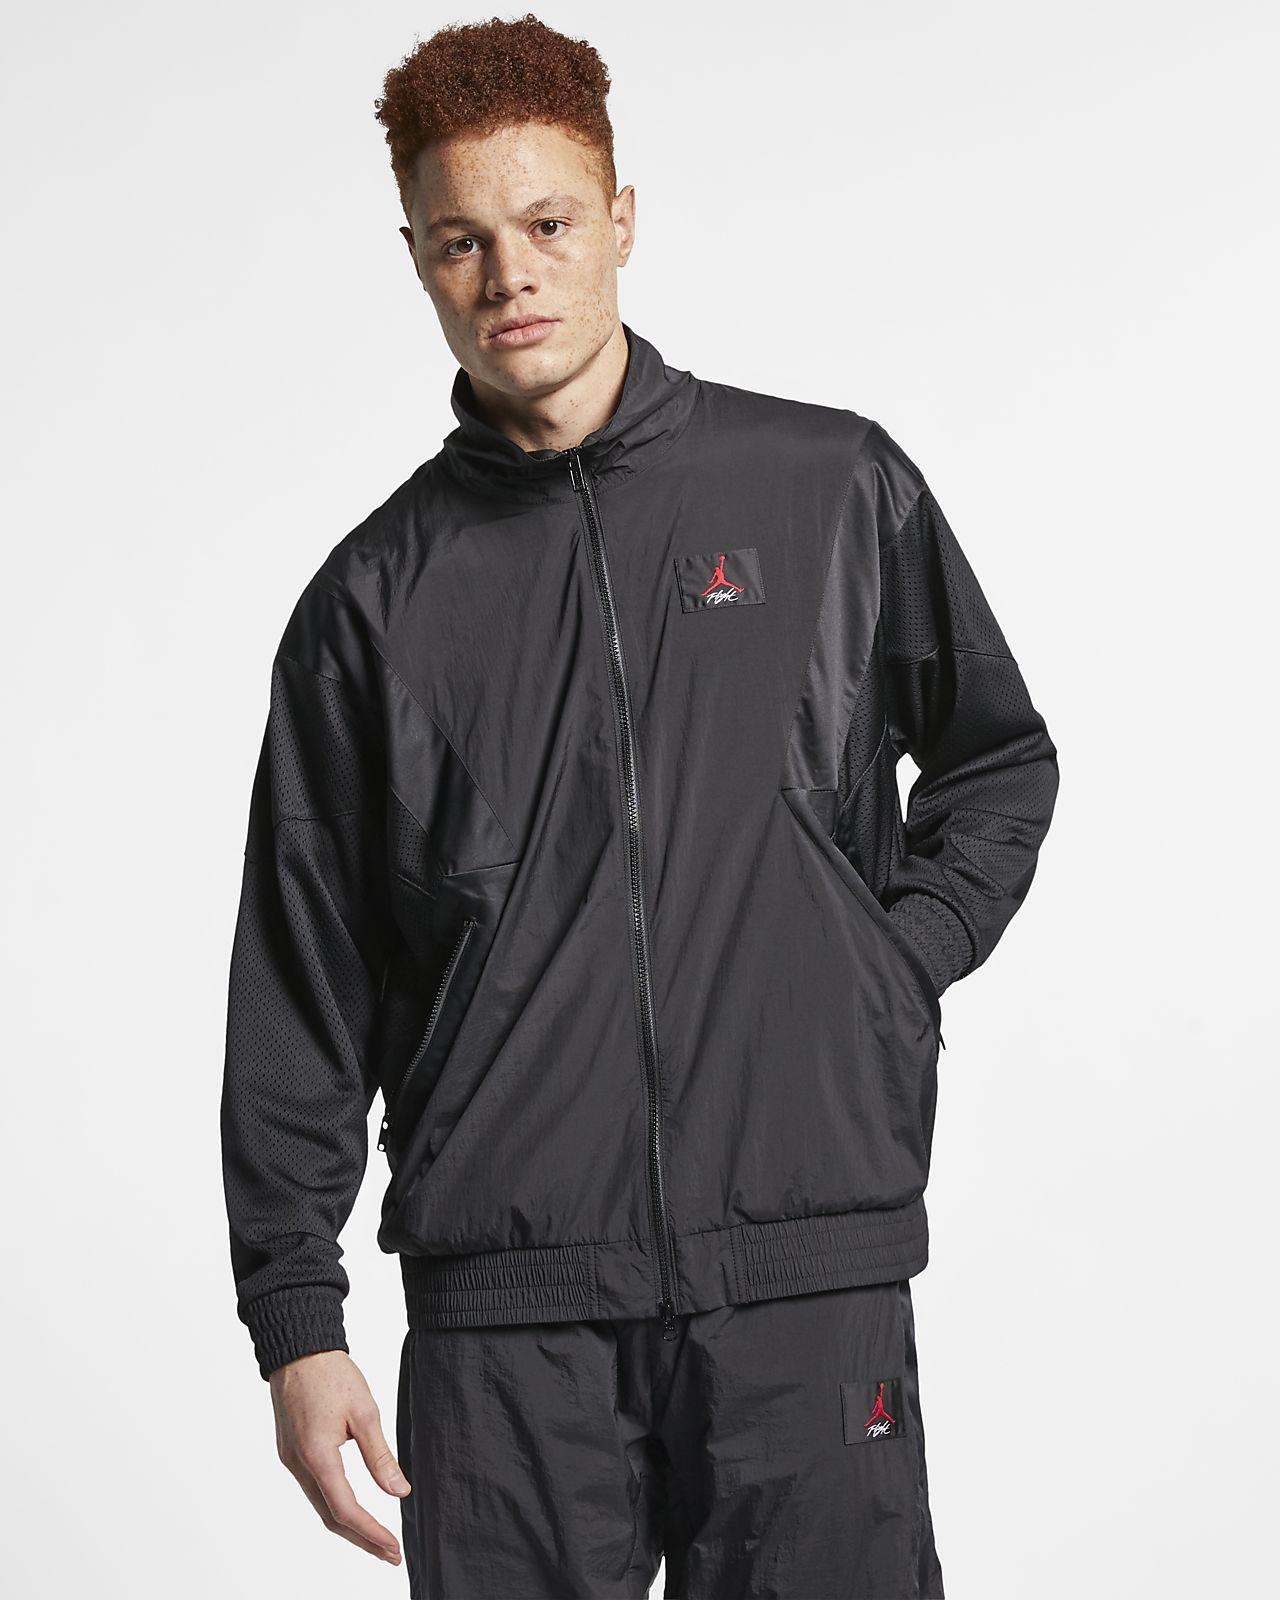 df7db45a20b176 Jordan Flight  AJ 5  Lightweight Warm-Up Jacket. Nike.com DK